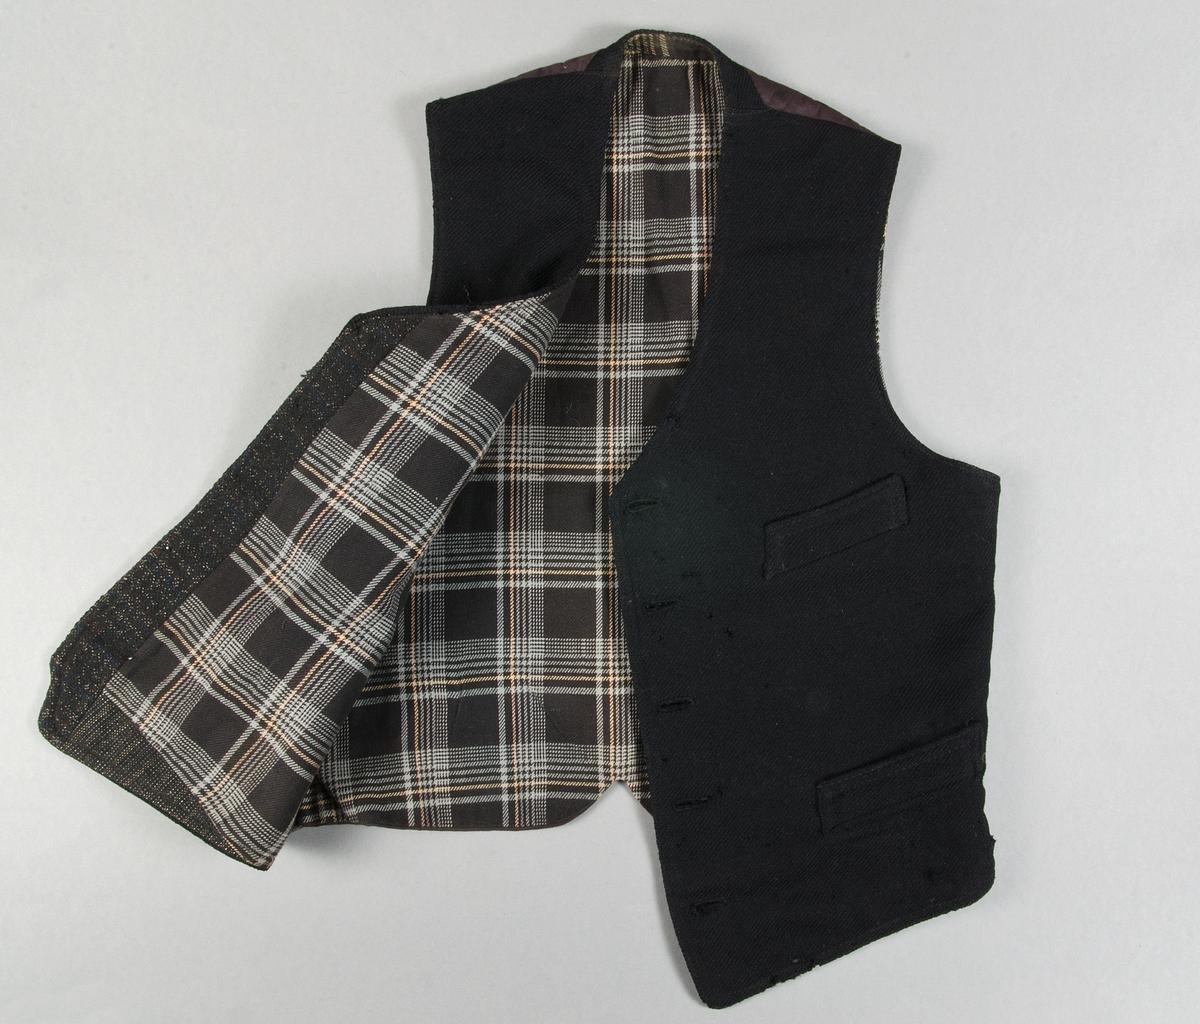 Väst av svart ylletyg, kypert. Fem knappar. Tre fickor. Spänntampar i ryggen. Bakstycke av svart bomullslärft. Foder av rutigt bomullstyg, svart, grått, gult.